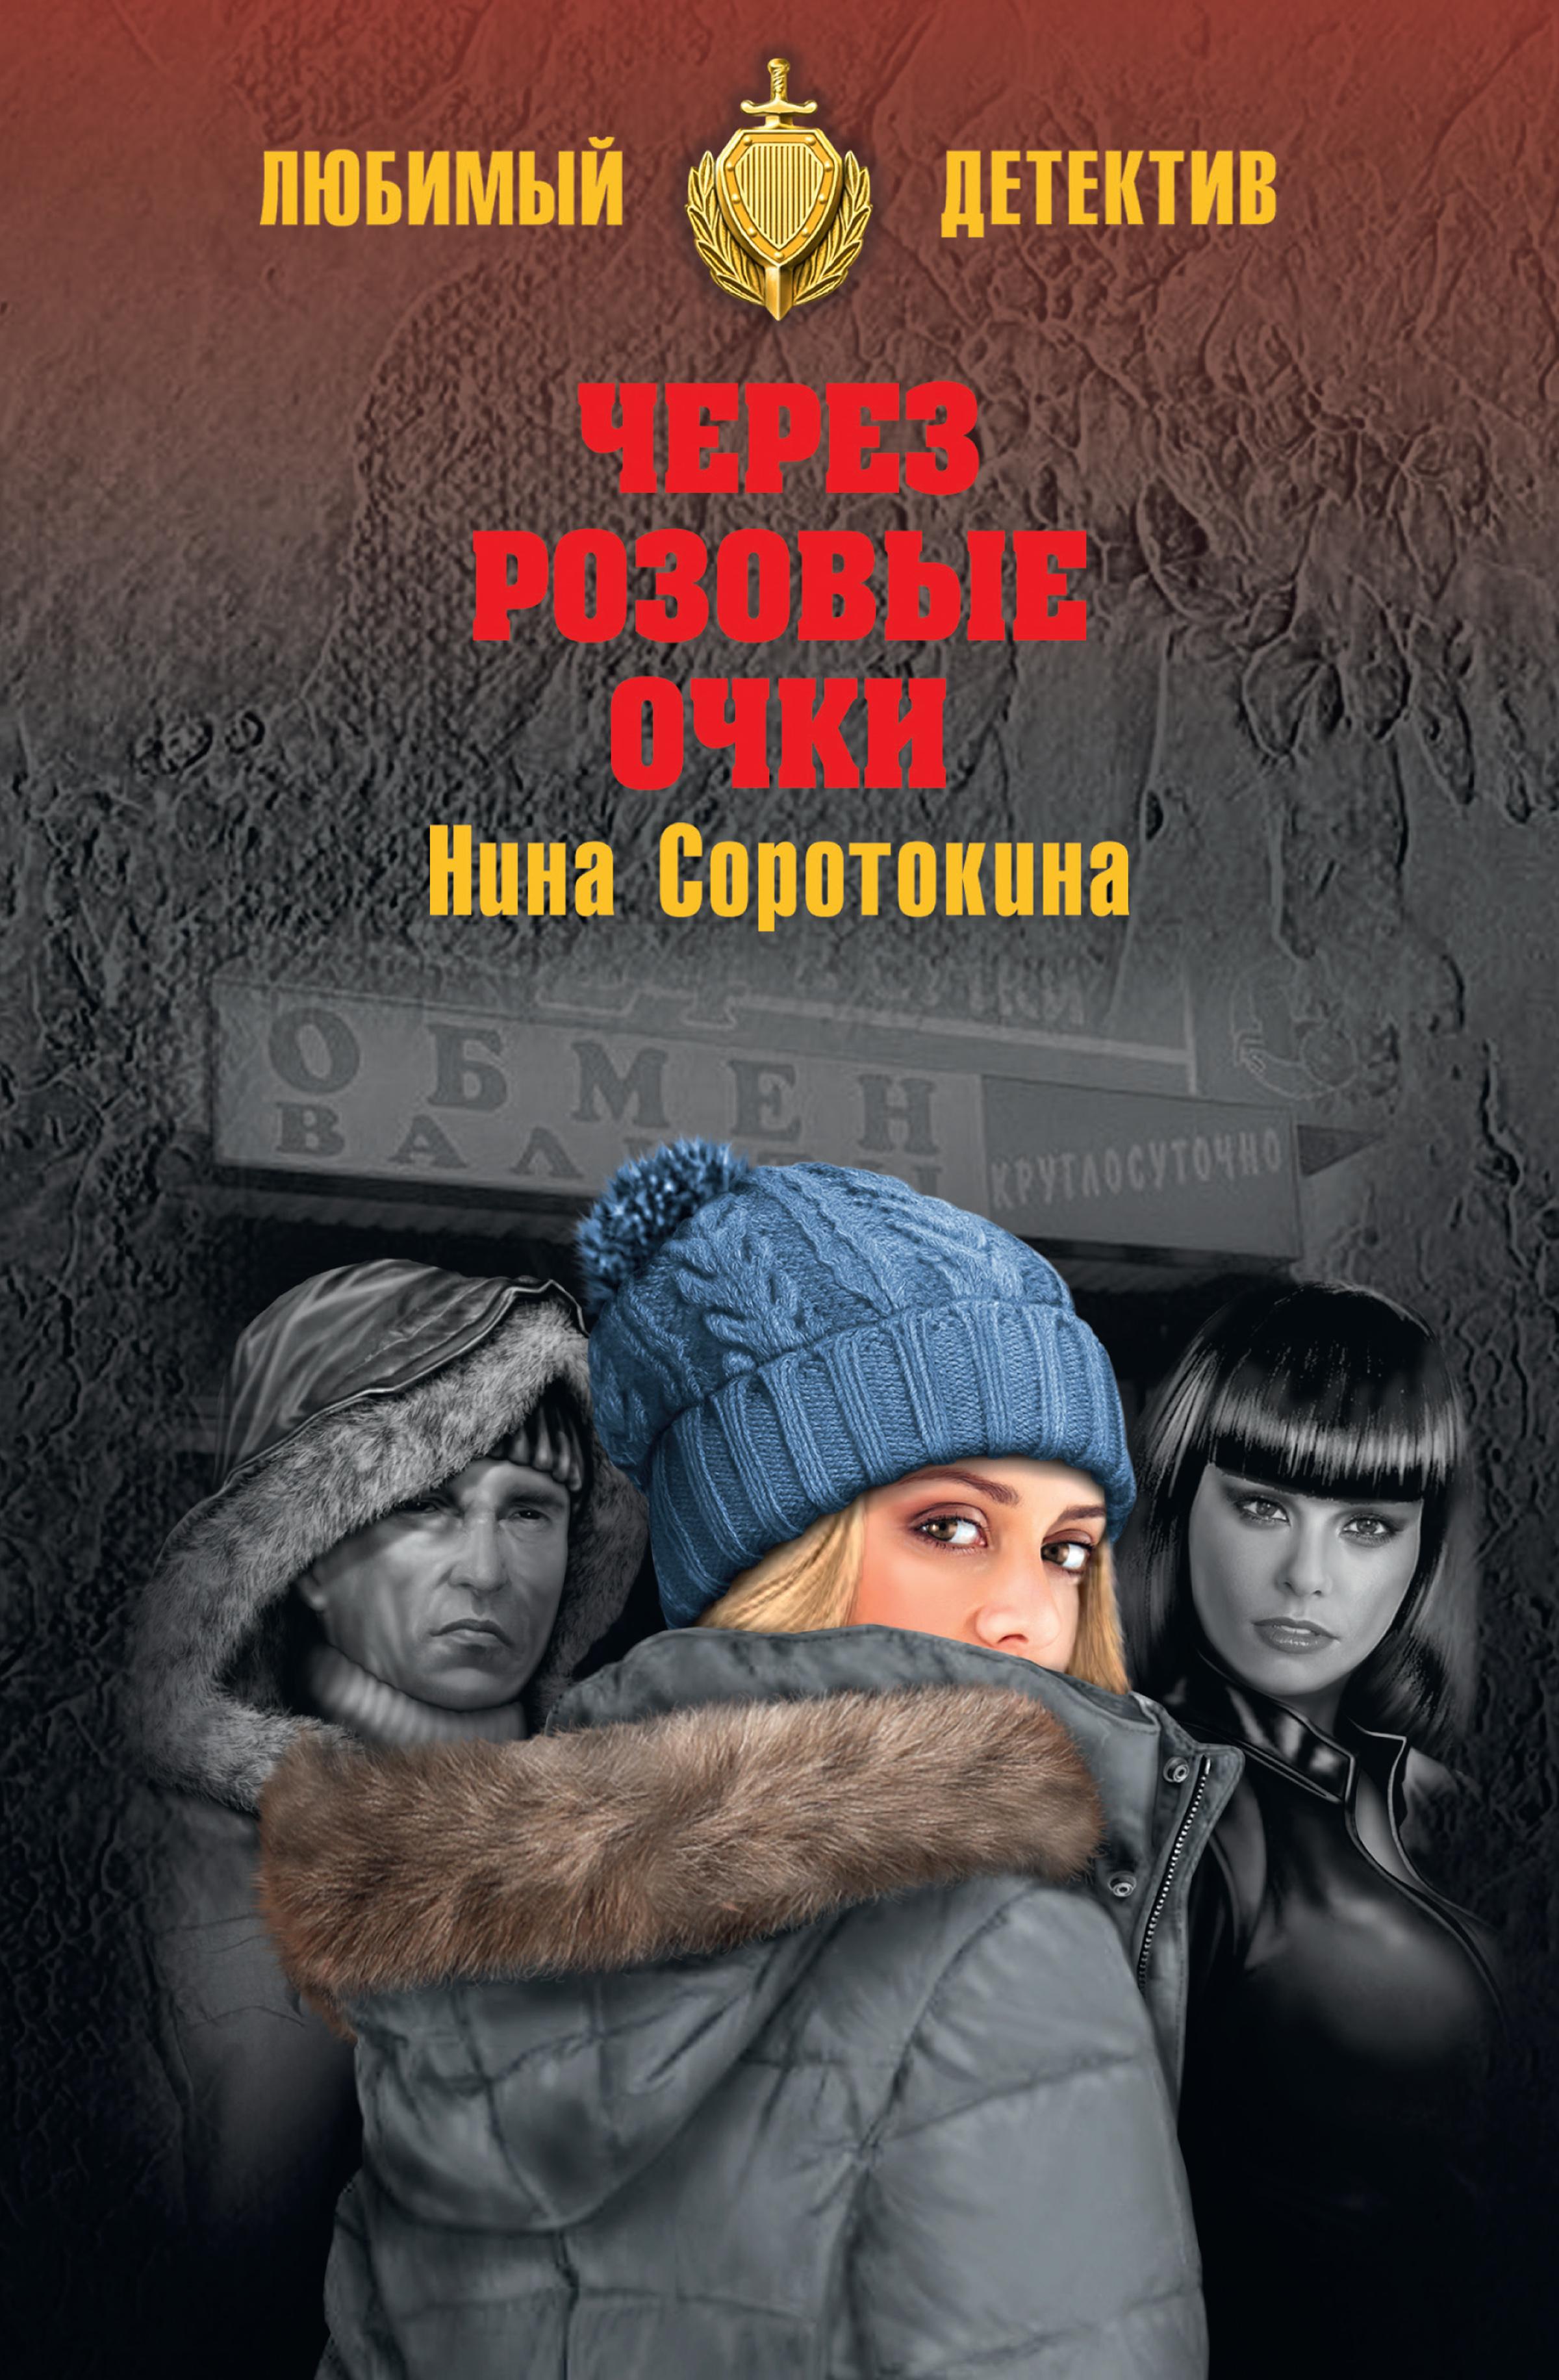 cherez rozovye ochki letniy detektiv sbornik